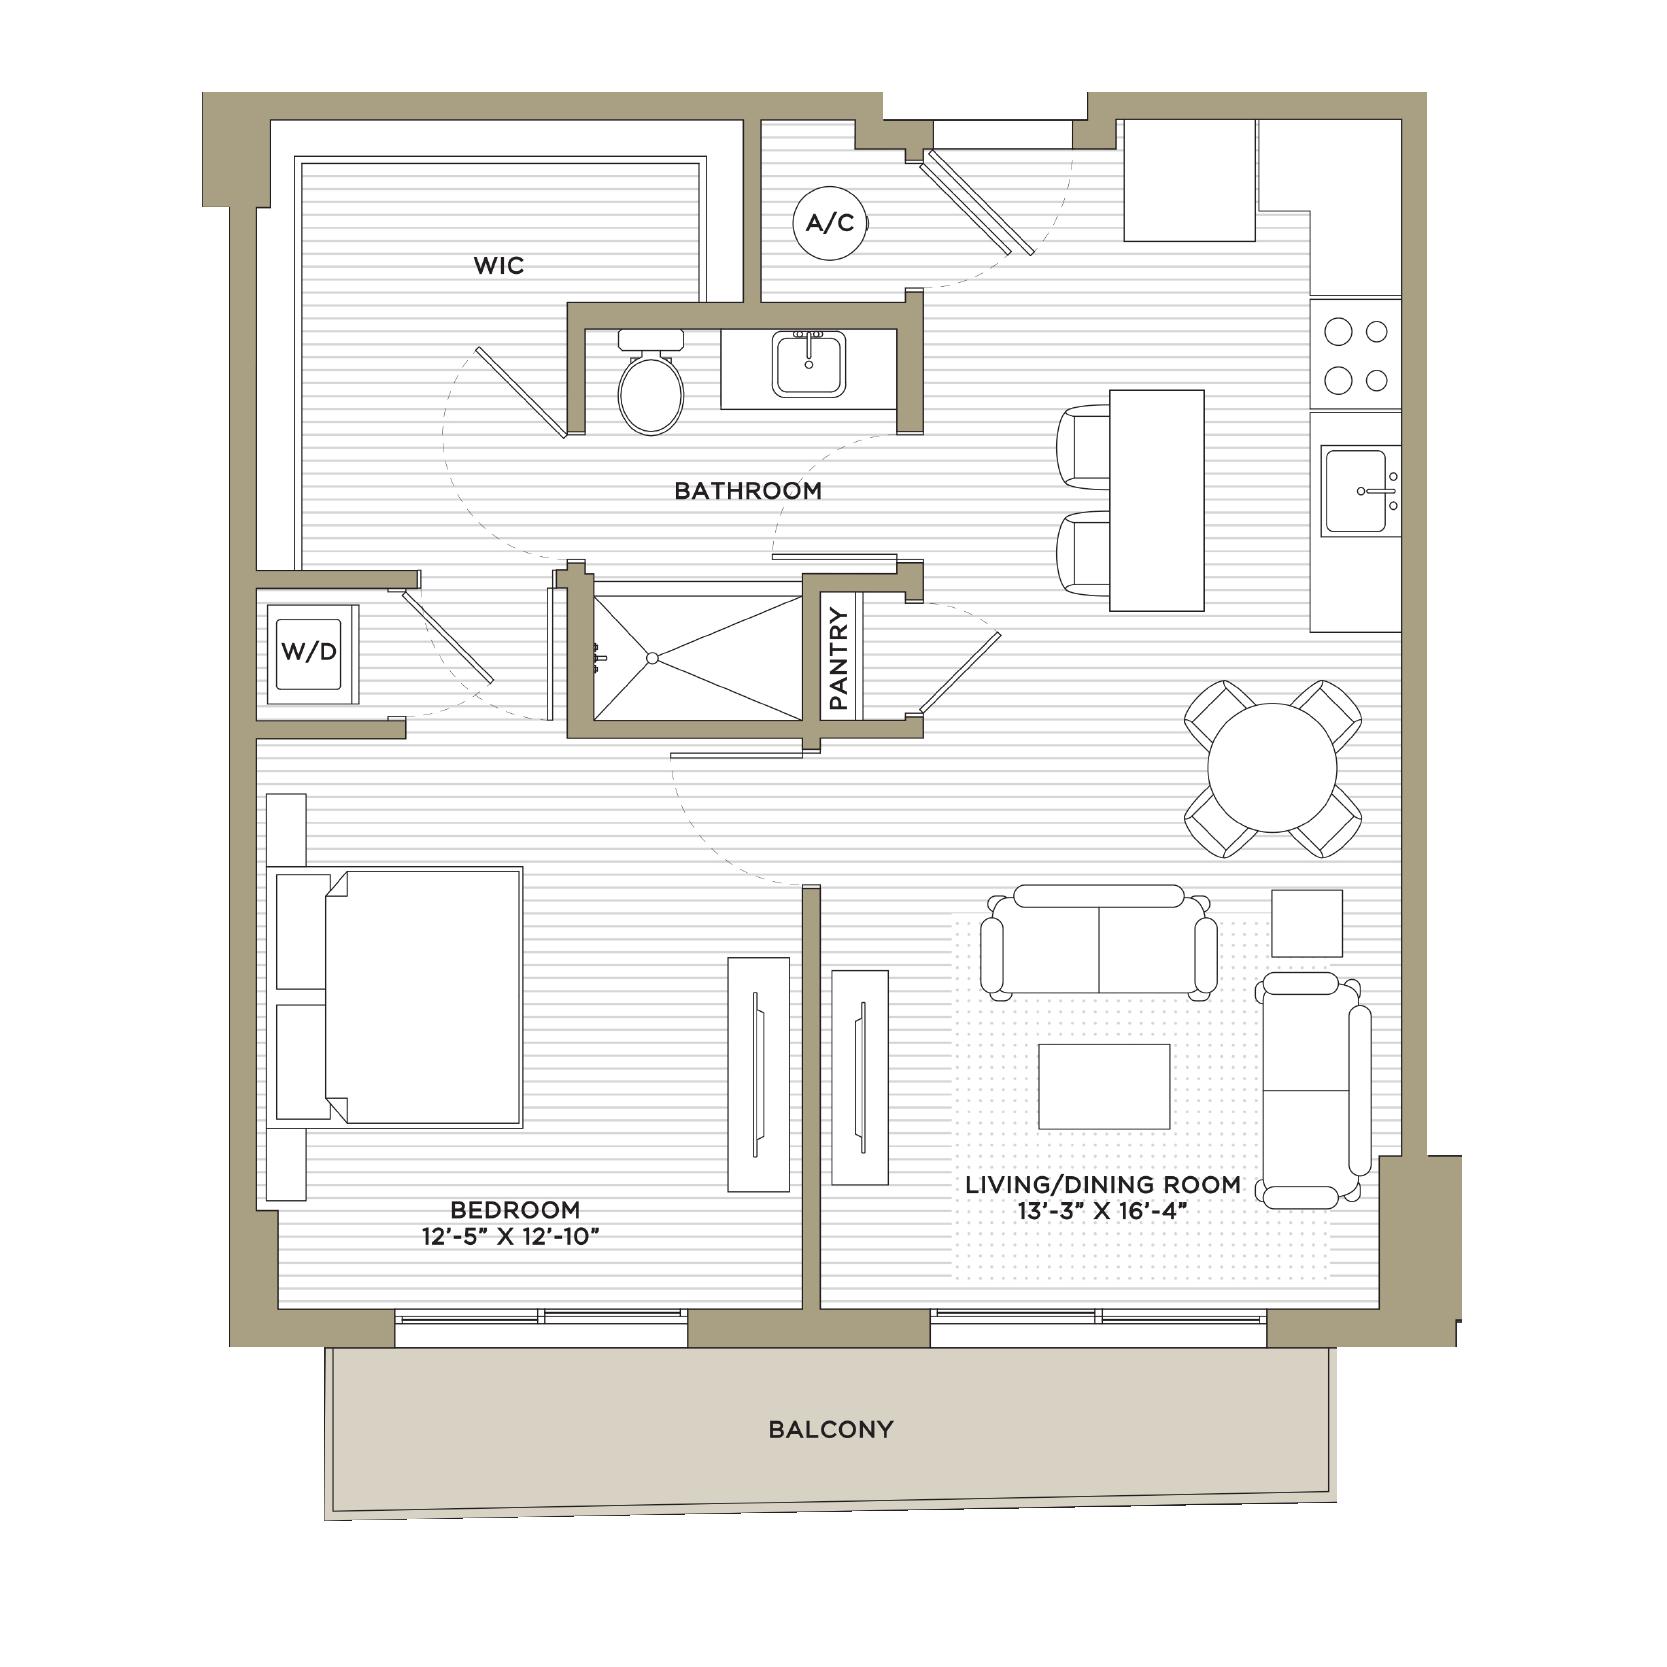 A1A / A11 - 1 Bedroom / 1 Bathroom762 / 775 sq. ft.